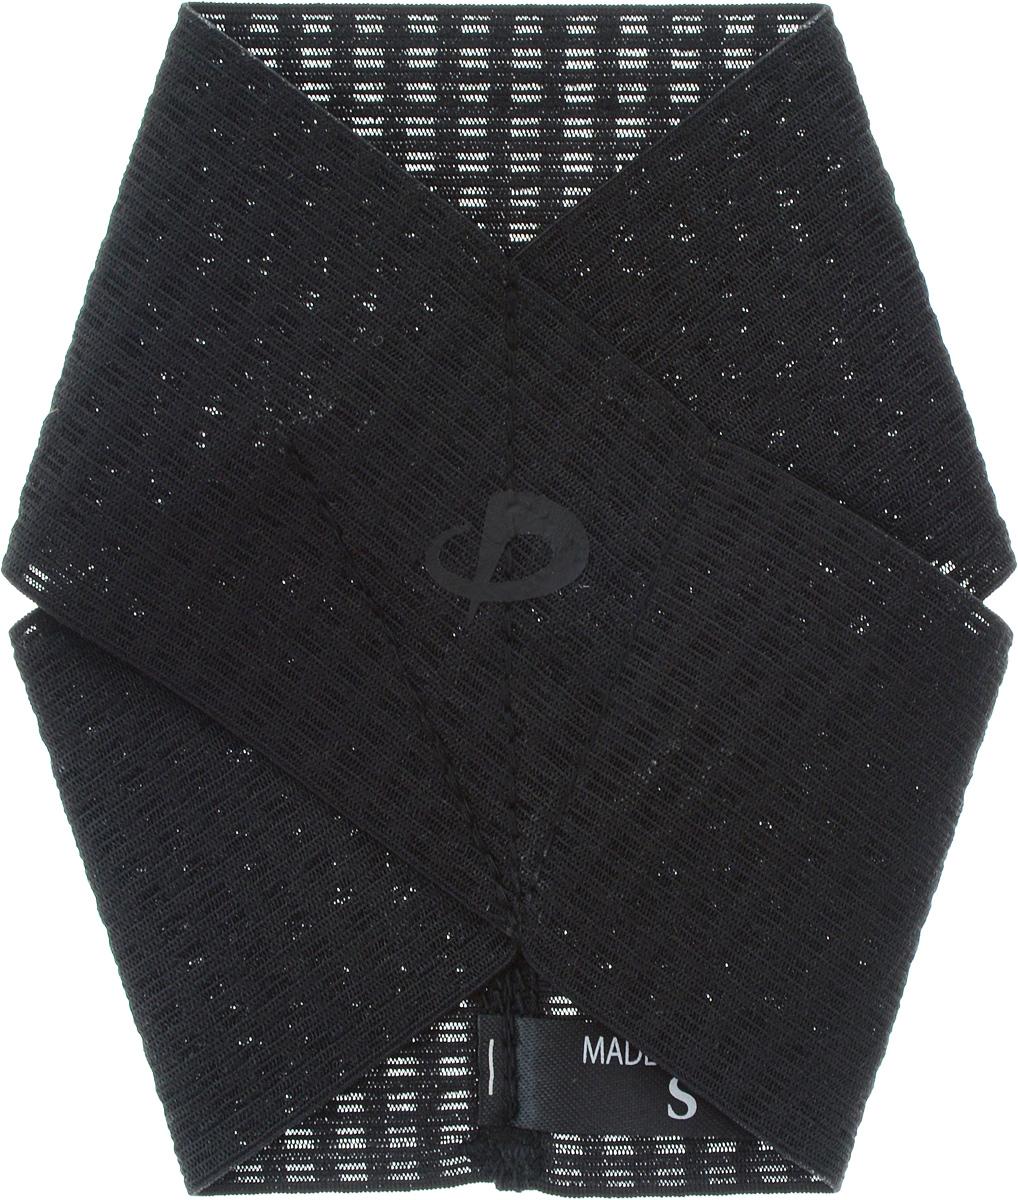 Суппорт голеностопа Phiten Ankle. Hard Type. Размер S (16-24 см)AIRWHEEL Q3-340WH-BLACKСуппорт голеностопа Phiten Ankle. Hard Type обеспечивает жесткую фиксацию и при этом не стесняет движения. Идеально подходит для ношения в течение всего дня при легких травмах и в период восстановления. Ультратонкий и весом всего 5 г, этот суппорт подойдет для ношения под любой обувью и будет совершенно незаметен. Он обладает прекрасной воздухонепроницаемостью и позволяет коже дышать. Суппорт назначается при нестабильности голеностопного сустава, растяжениях и разрывах связок, растяжении мышц, состоянии после вывихов и подвывихов. Обеспечивает компрессионный эффект, фиксацию голеностопного сустава и его стабилизацию, а также имеет противоотечный эффект. Снимает боль и напряжение, улучшает кровообращение, способствует скорейшему восстановлению за счет действия акватитана и аквапалладия.